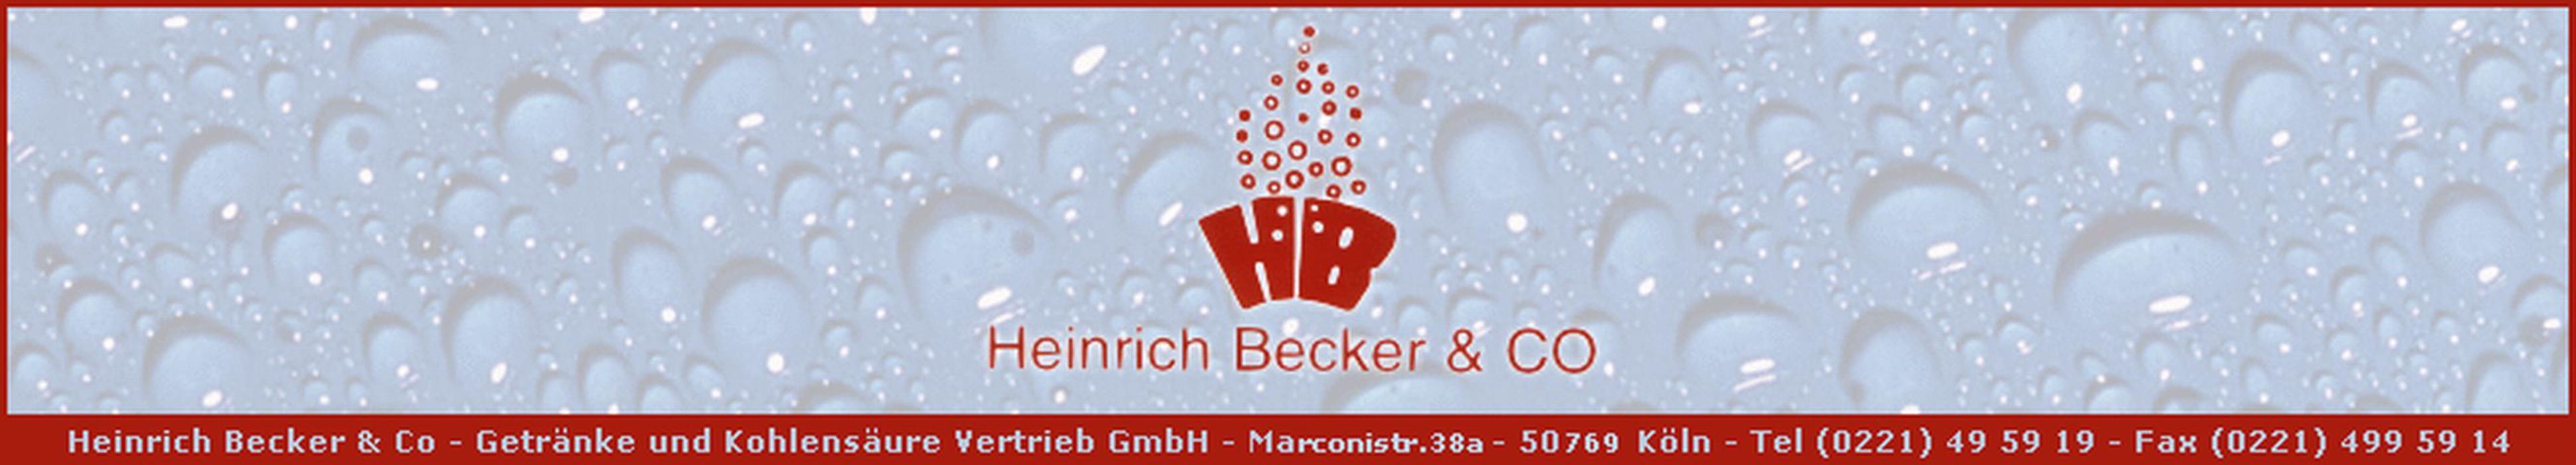 ▻ Becker Heinrich & Co. GmbH in Köln, Marconistr. 38 a | GoYellow.de